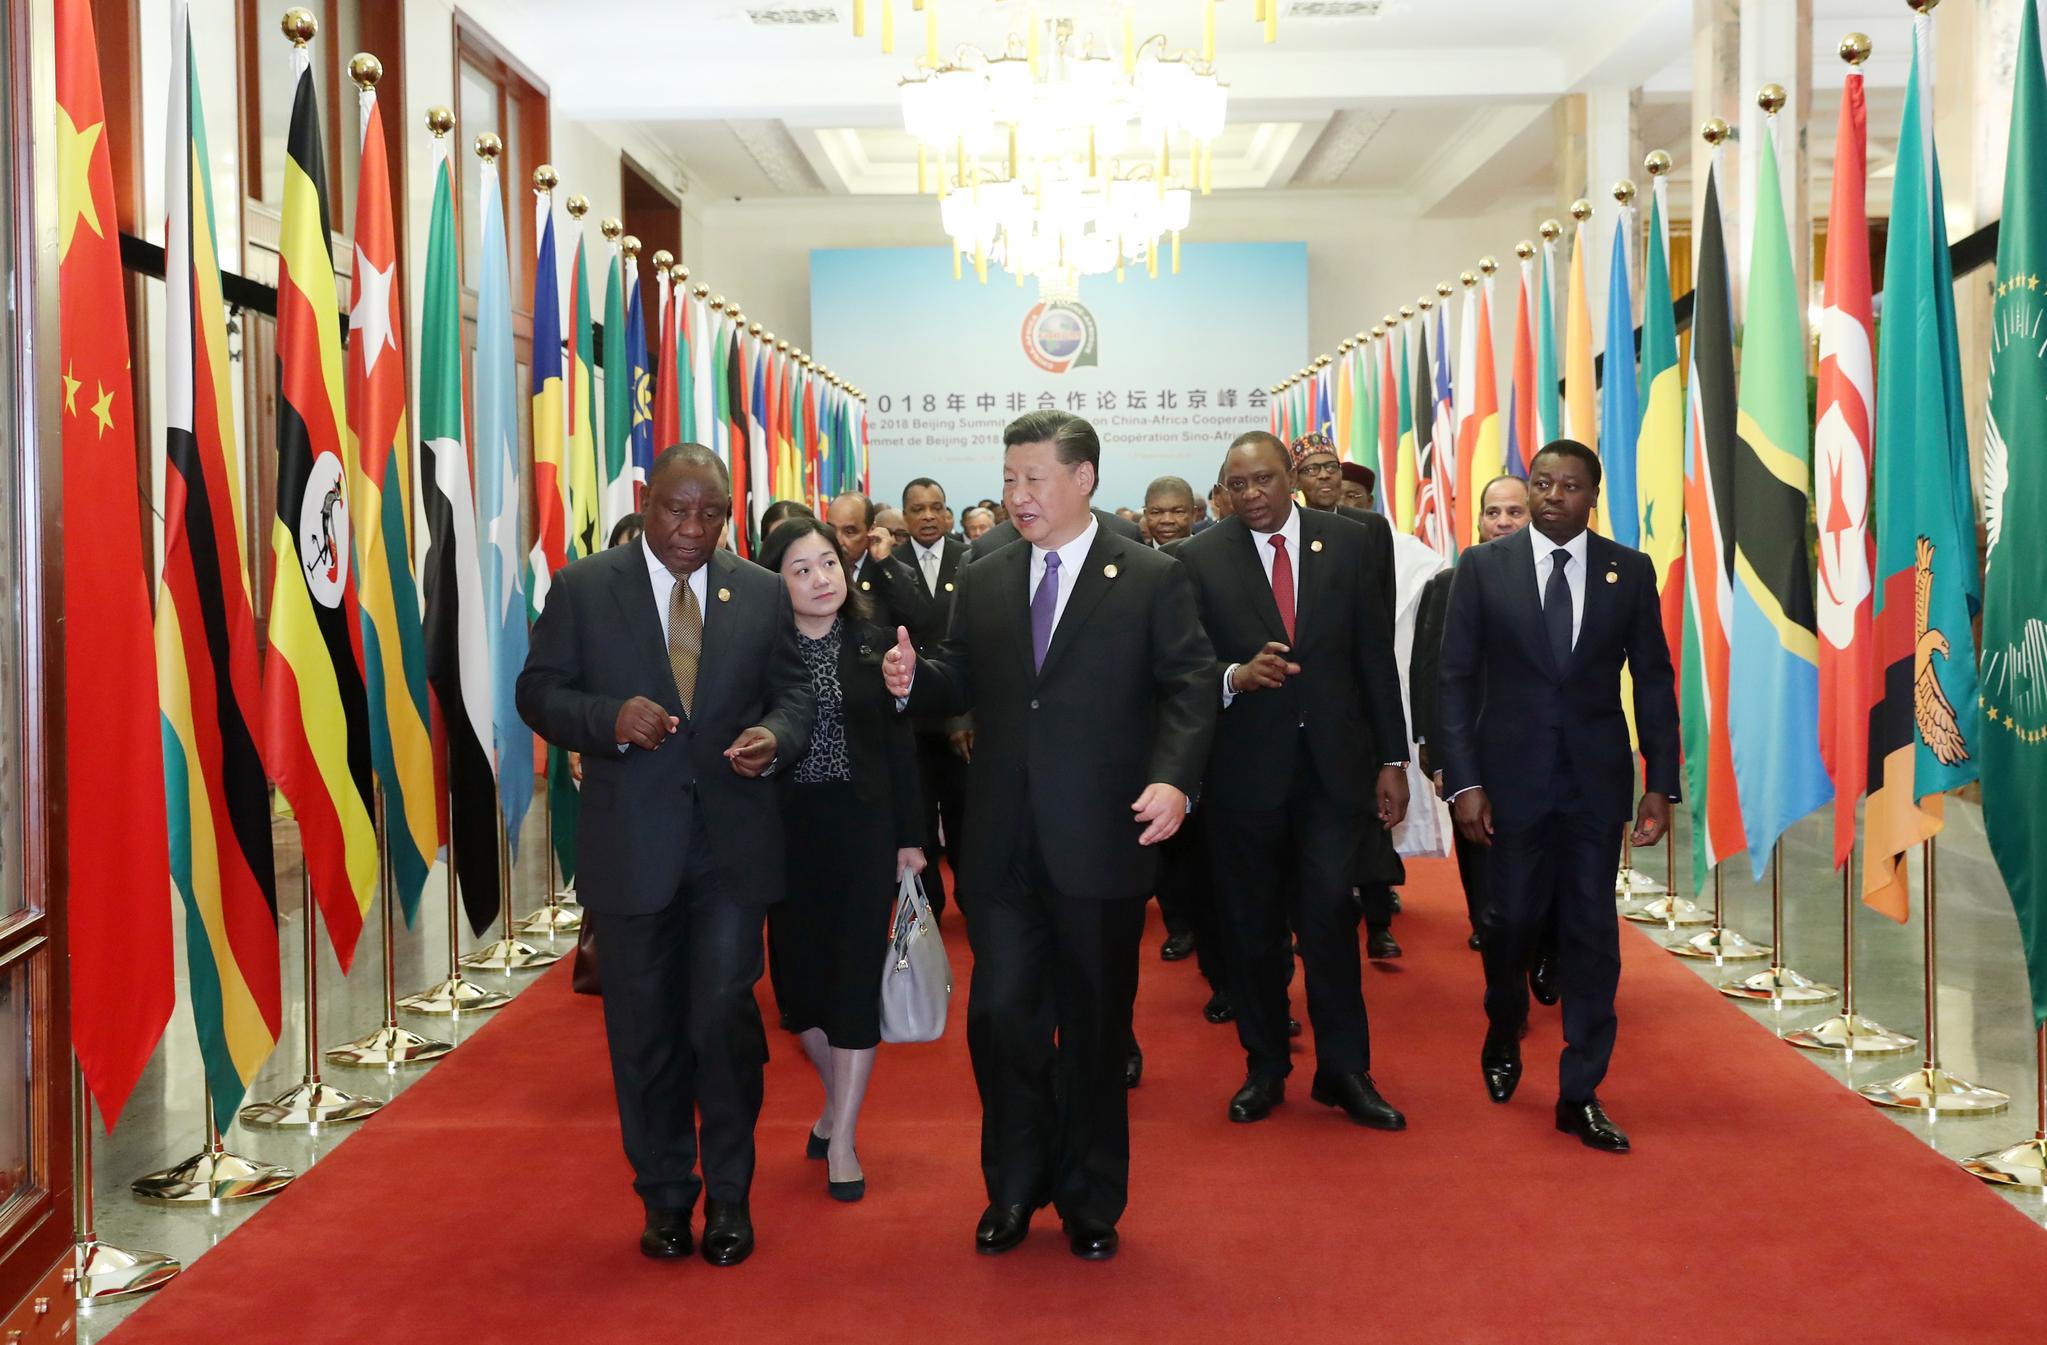 시진핑 중국 국가 주석이 3일 베이징 인민대회당에서 열린 중국-아프리카 협력 정상회의에 각국 정상들과 함께 참석하고 있다. [AFP=연합뉴스]